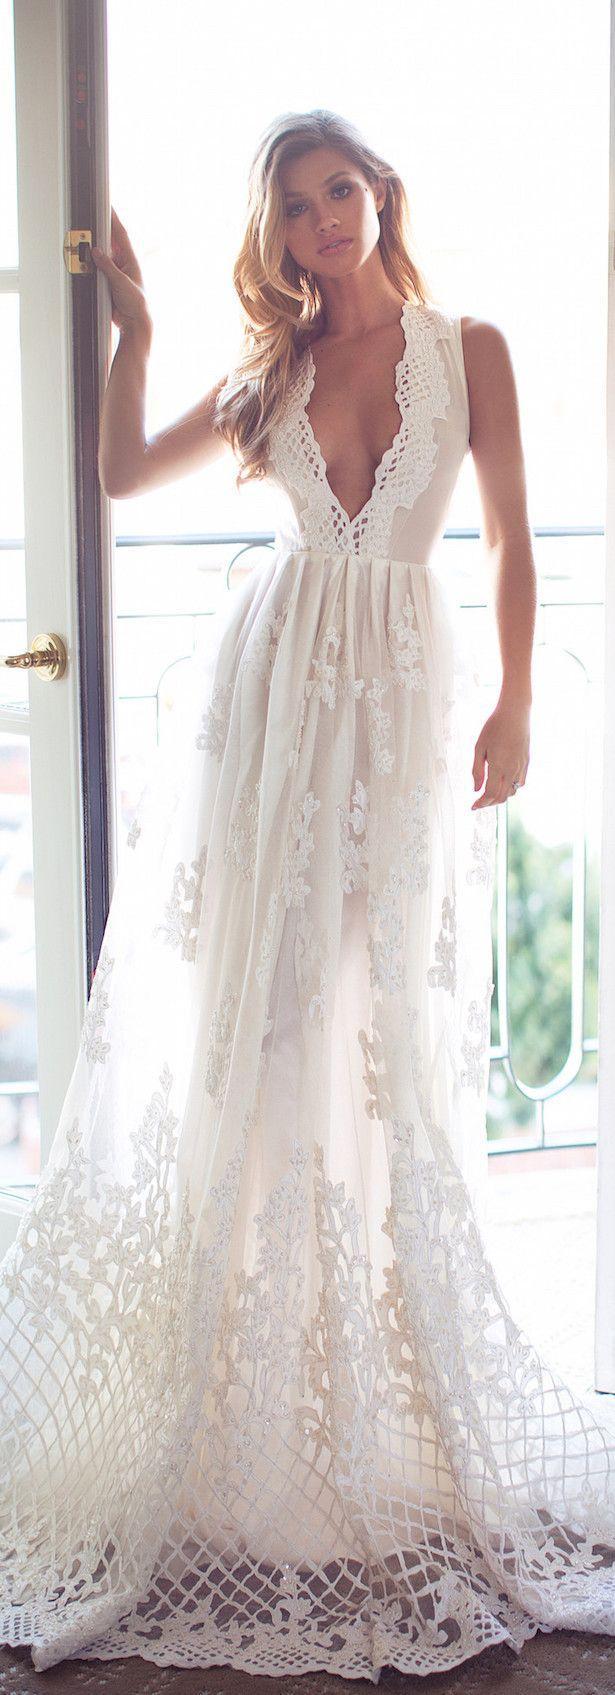 Mariage - Lurelly Bridal Wedding Dress